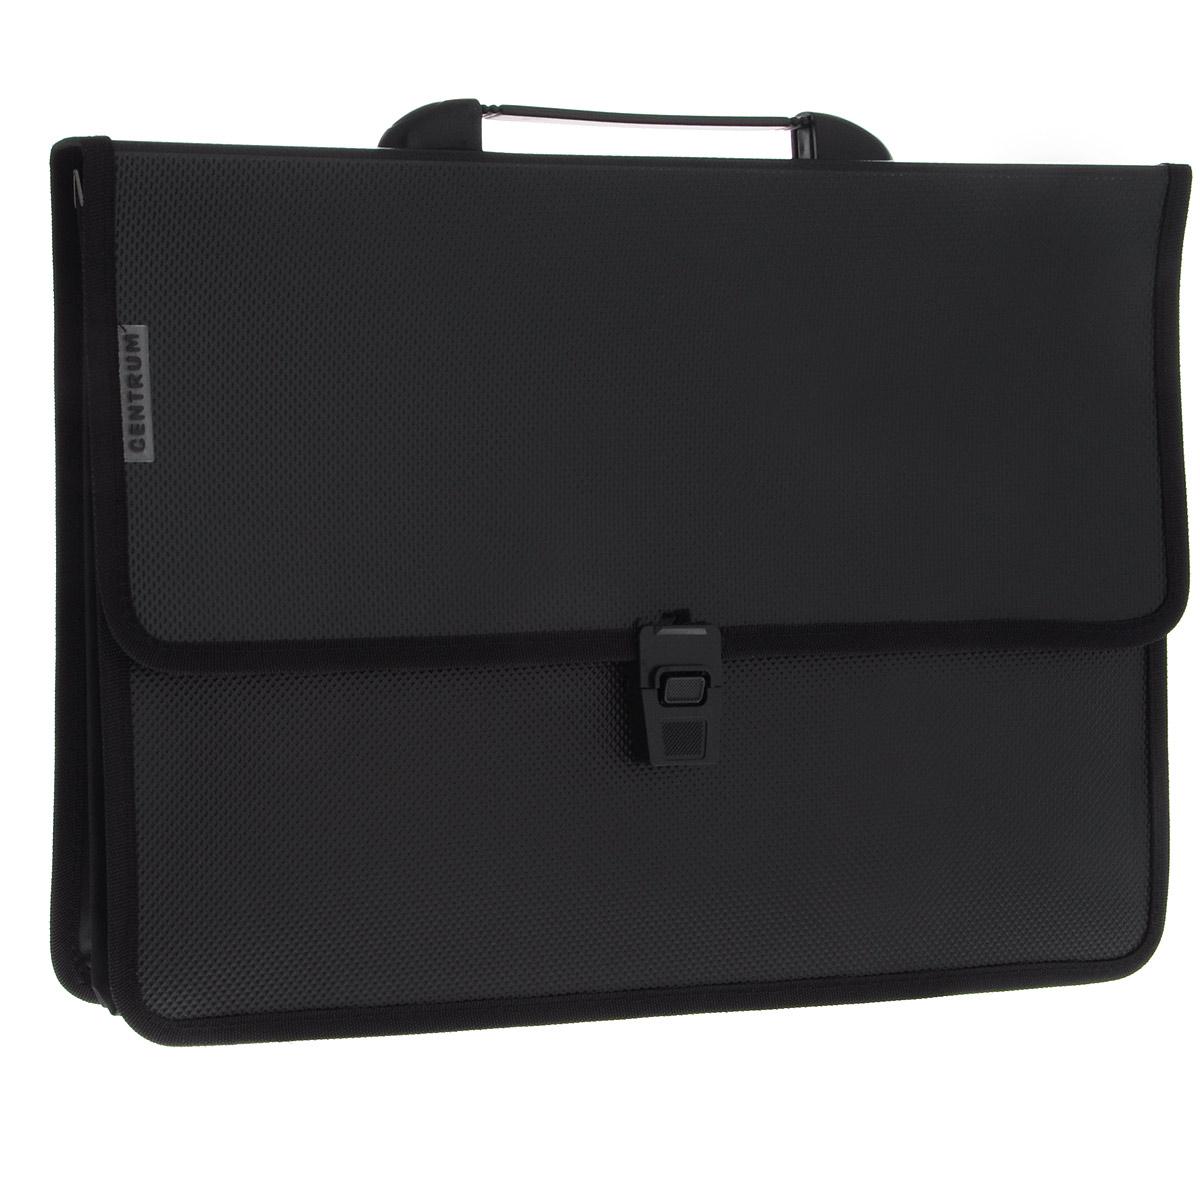 Папка-портфель  Centrum , 2 отделения, с ручкой, цвет: черный. Формат А4 - Папки